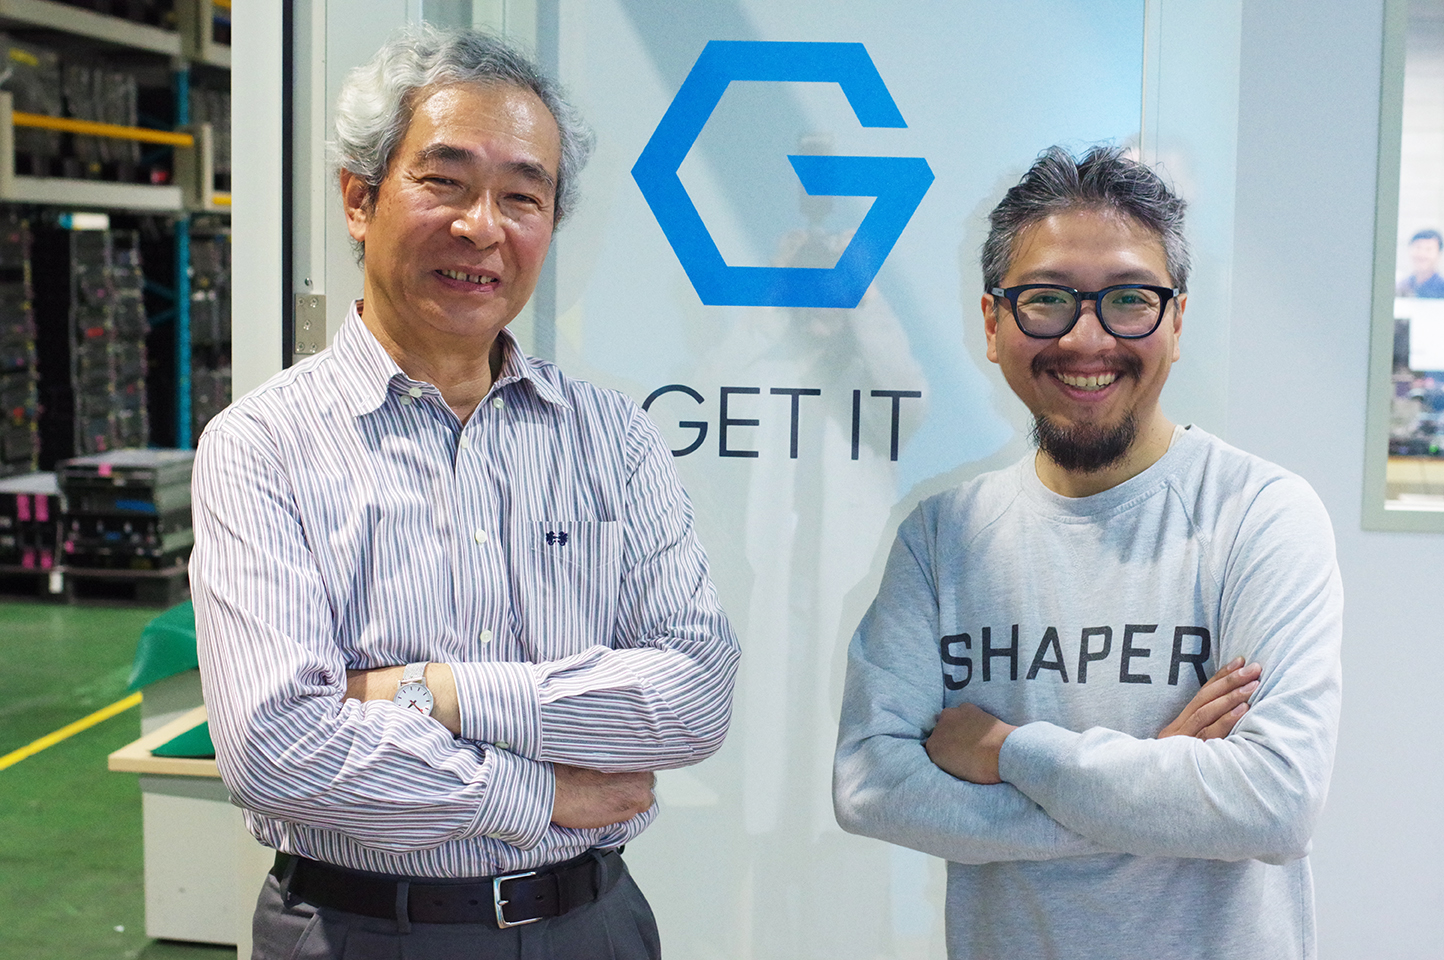 沼田理氏、株式会社ゲットイットの技術顧問に就任:沼田氏とゲットイット代表廣田